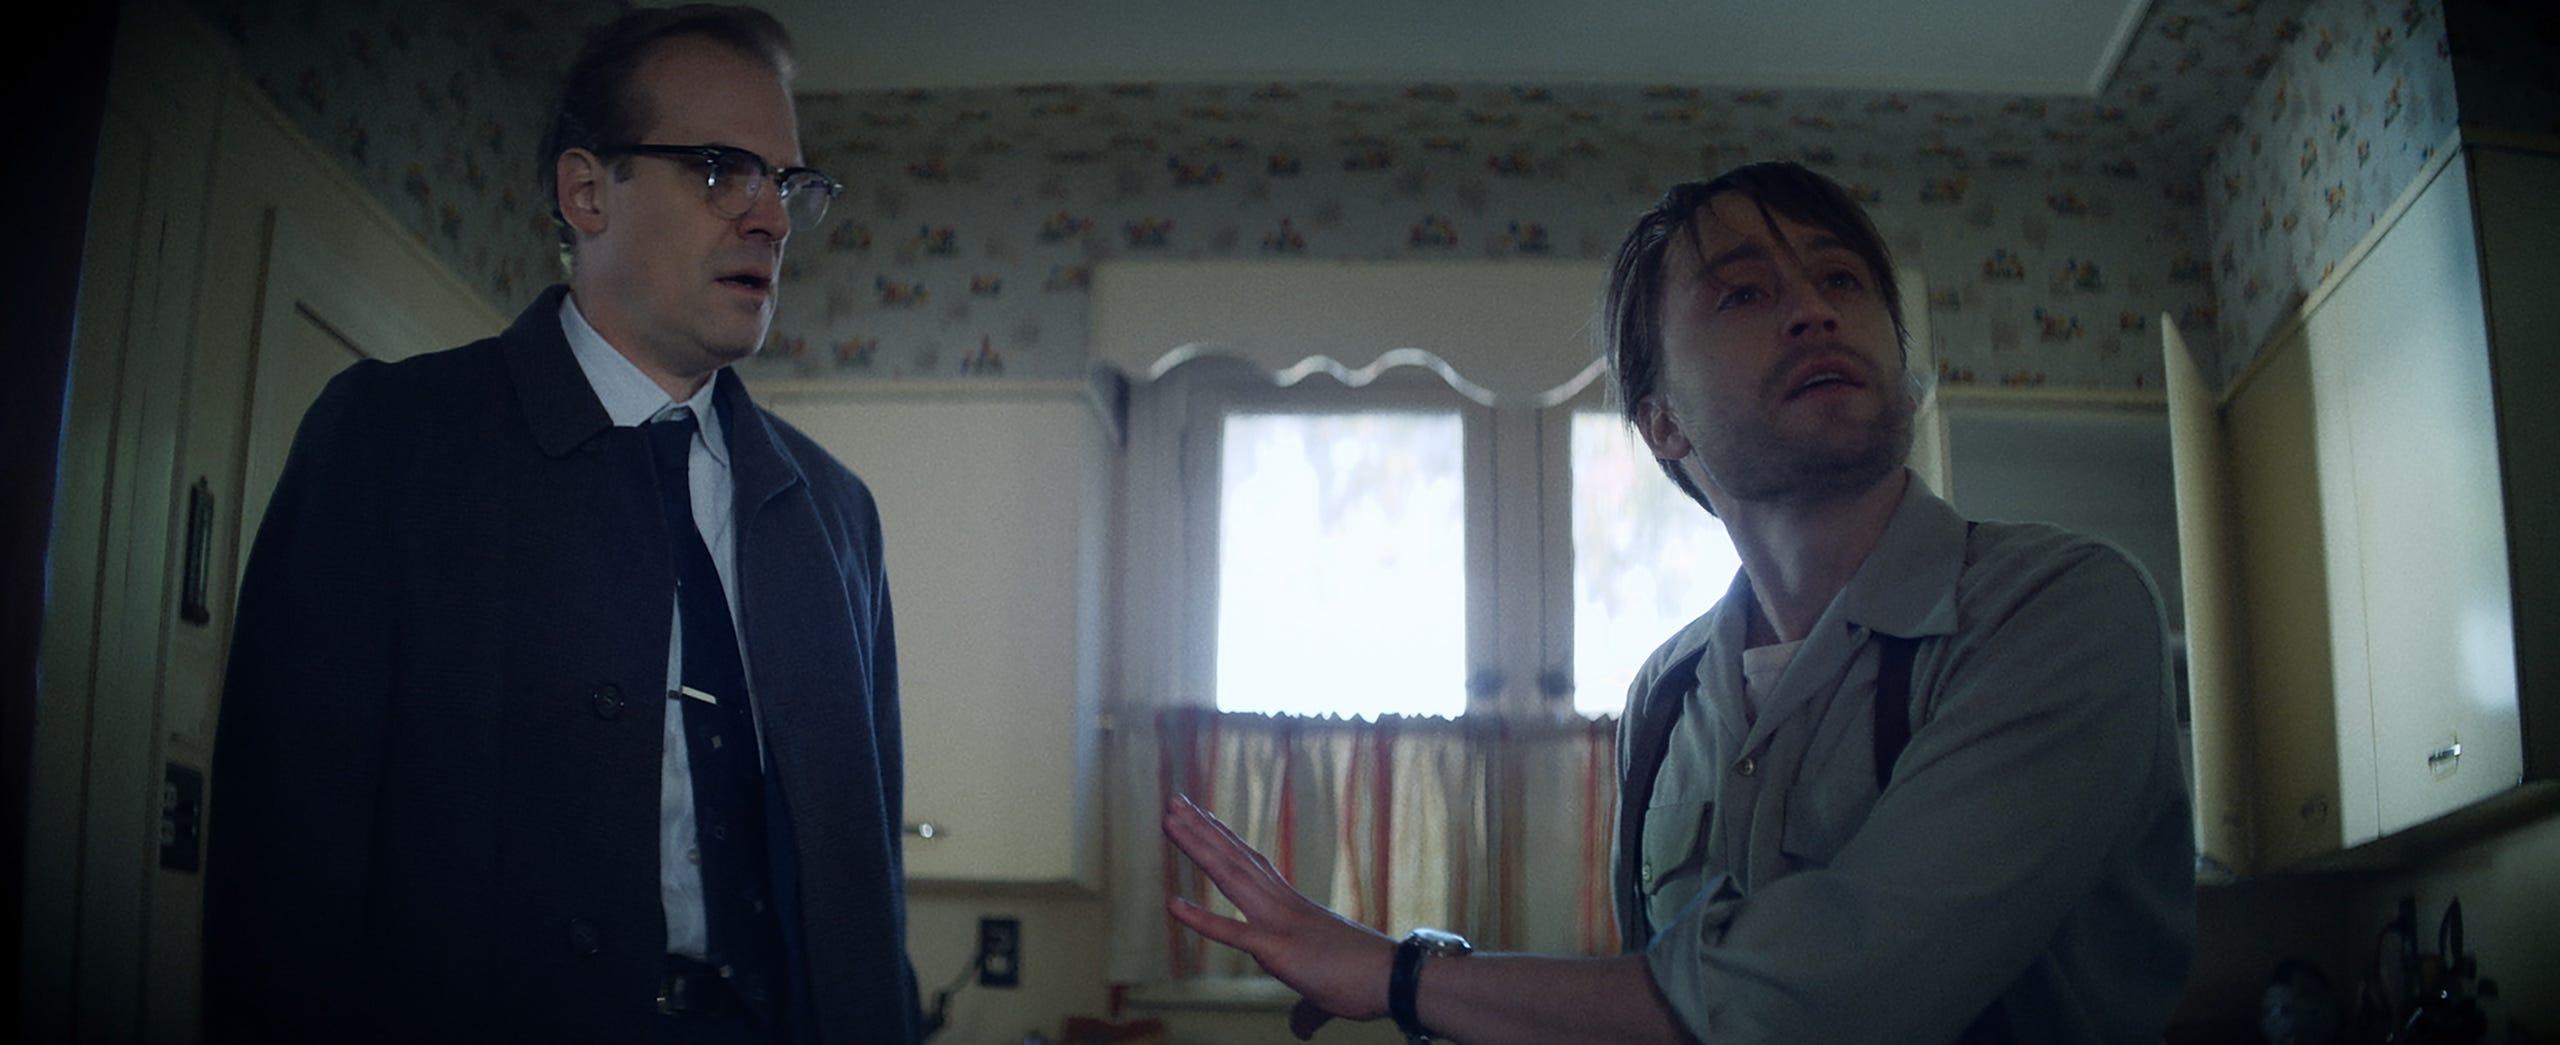 Don Cheadle and Benicio Del Toro star in 'No Sudden Move' on HBO Max